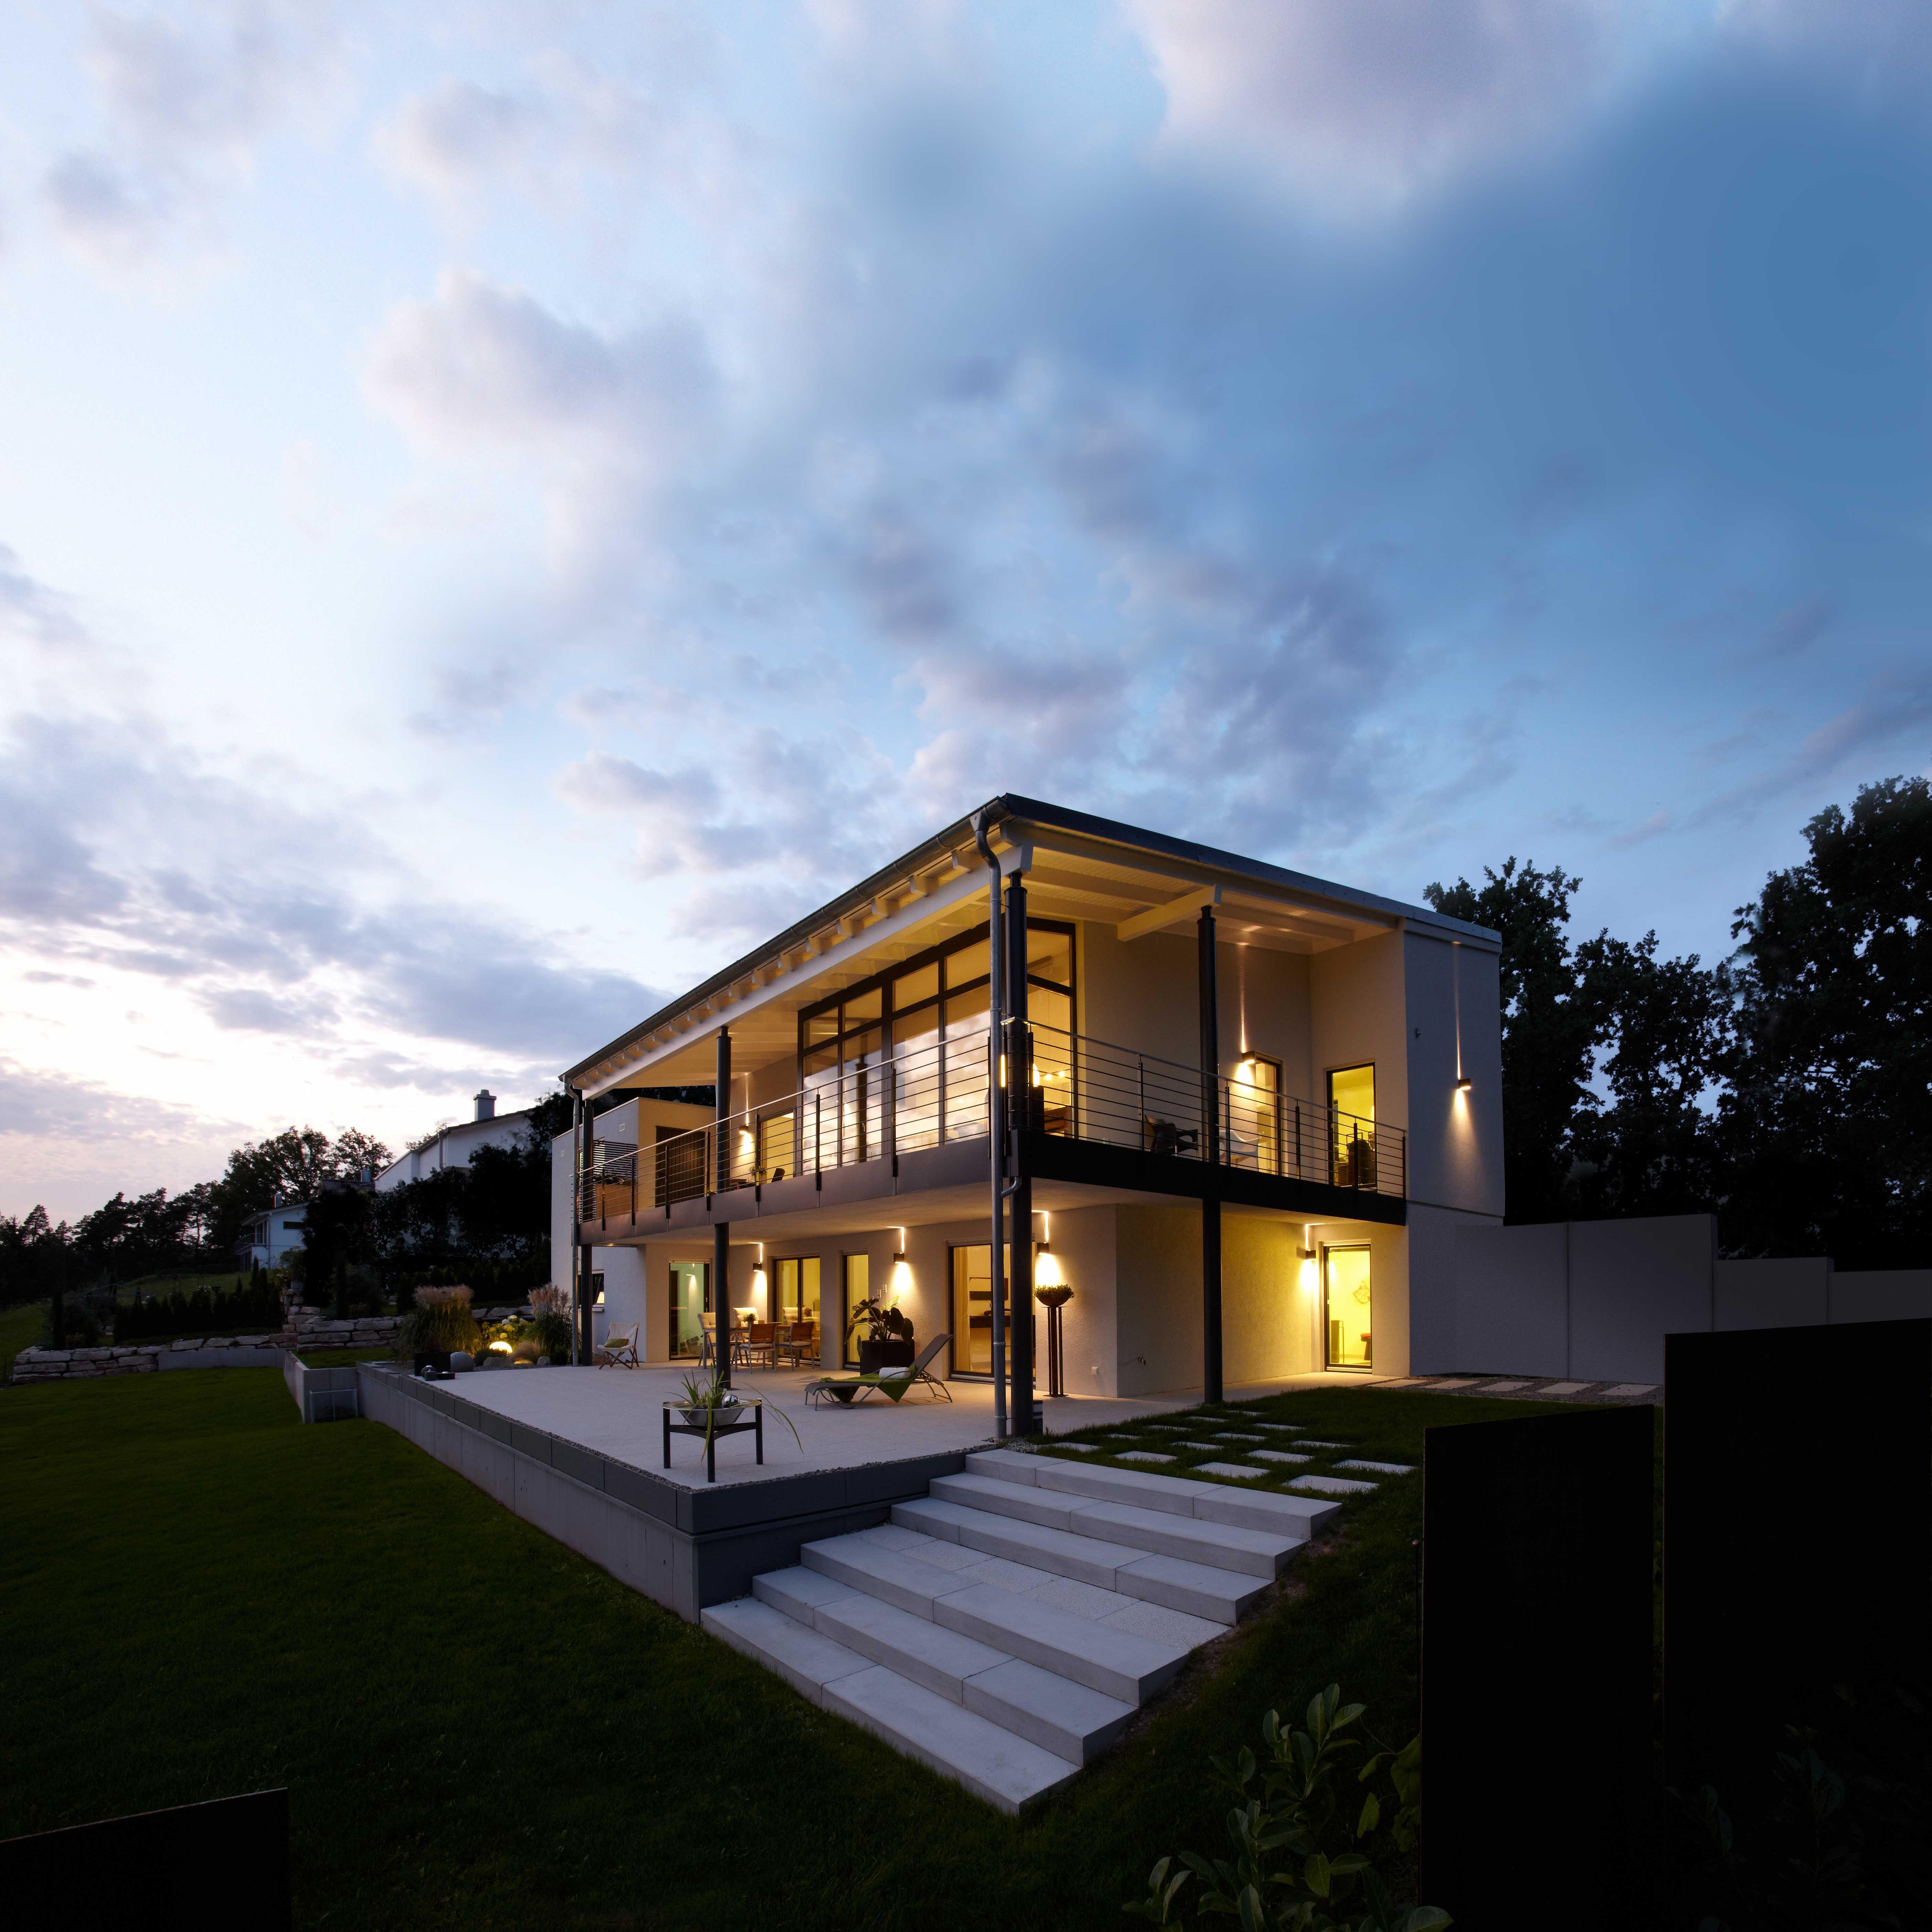 Einfamilienhaus luxus  Rückansicht des Luxus Fertighaus bei Nacht | Einfamilienhaus ...